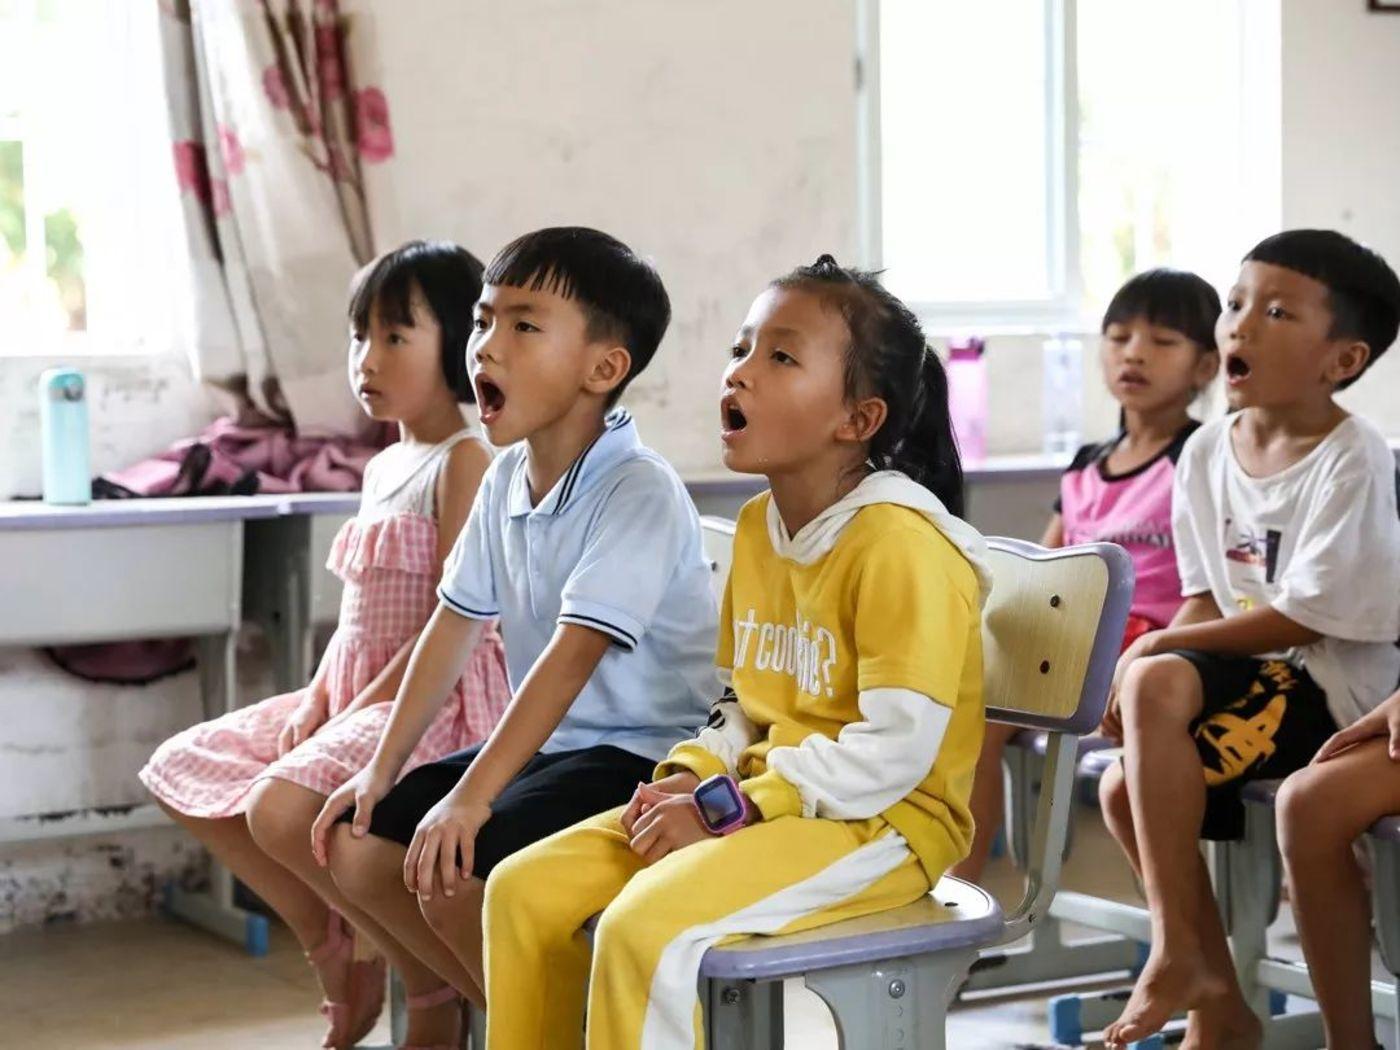 乐罗村的孩子们